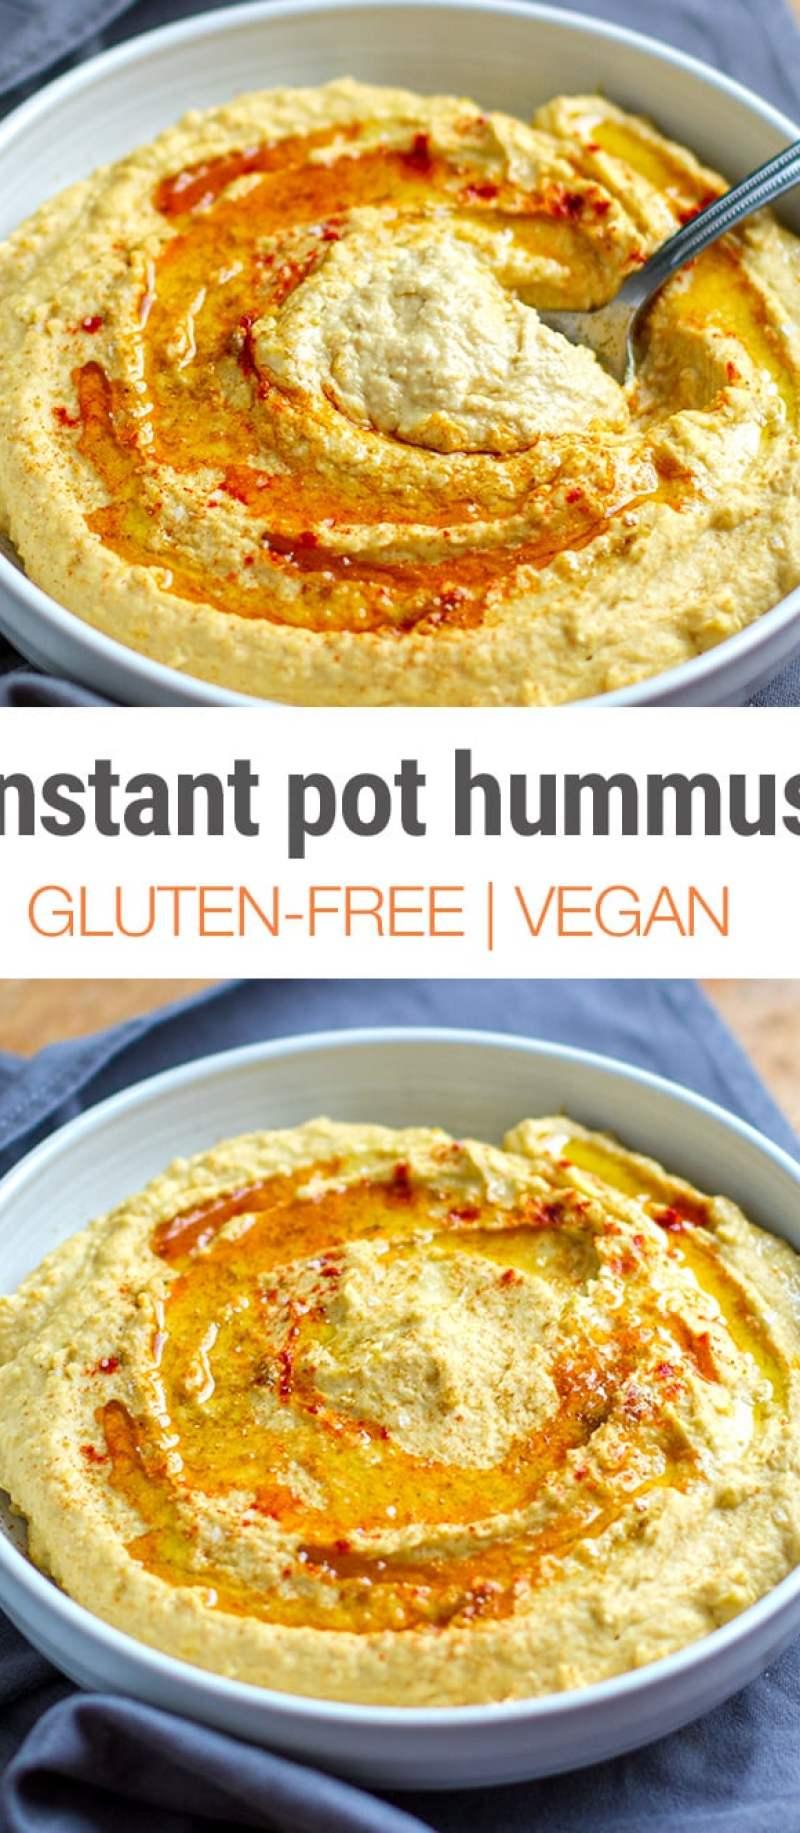 Instant Pot Hummus - Quick & Easy Recipe